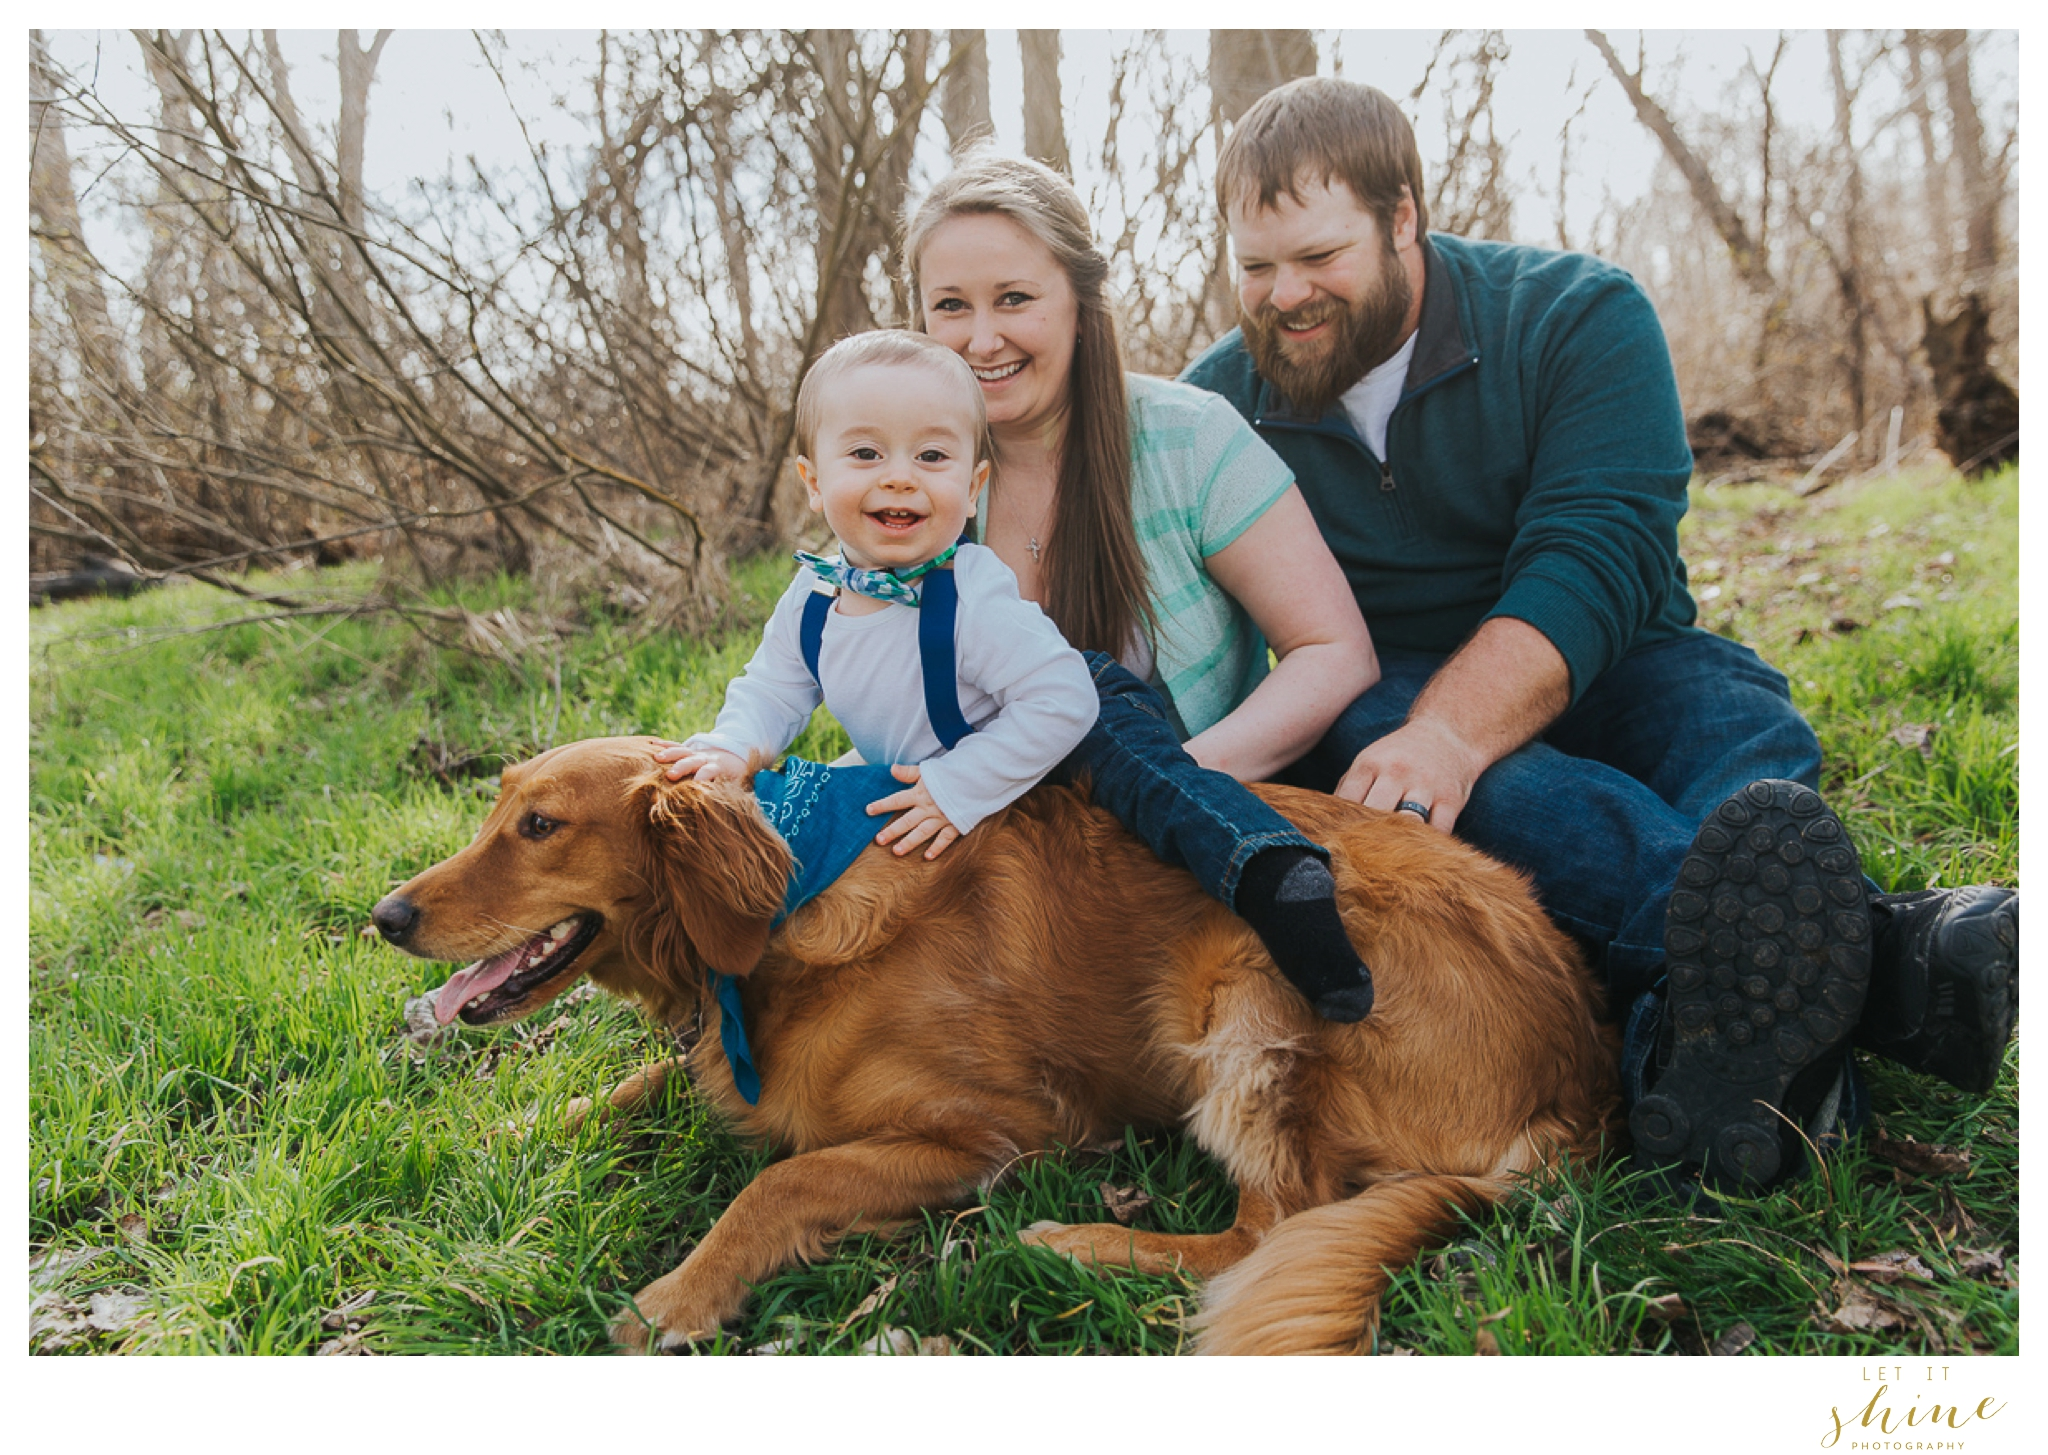 Spring Family Photos Boise Photographer-8443.jpg